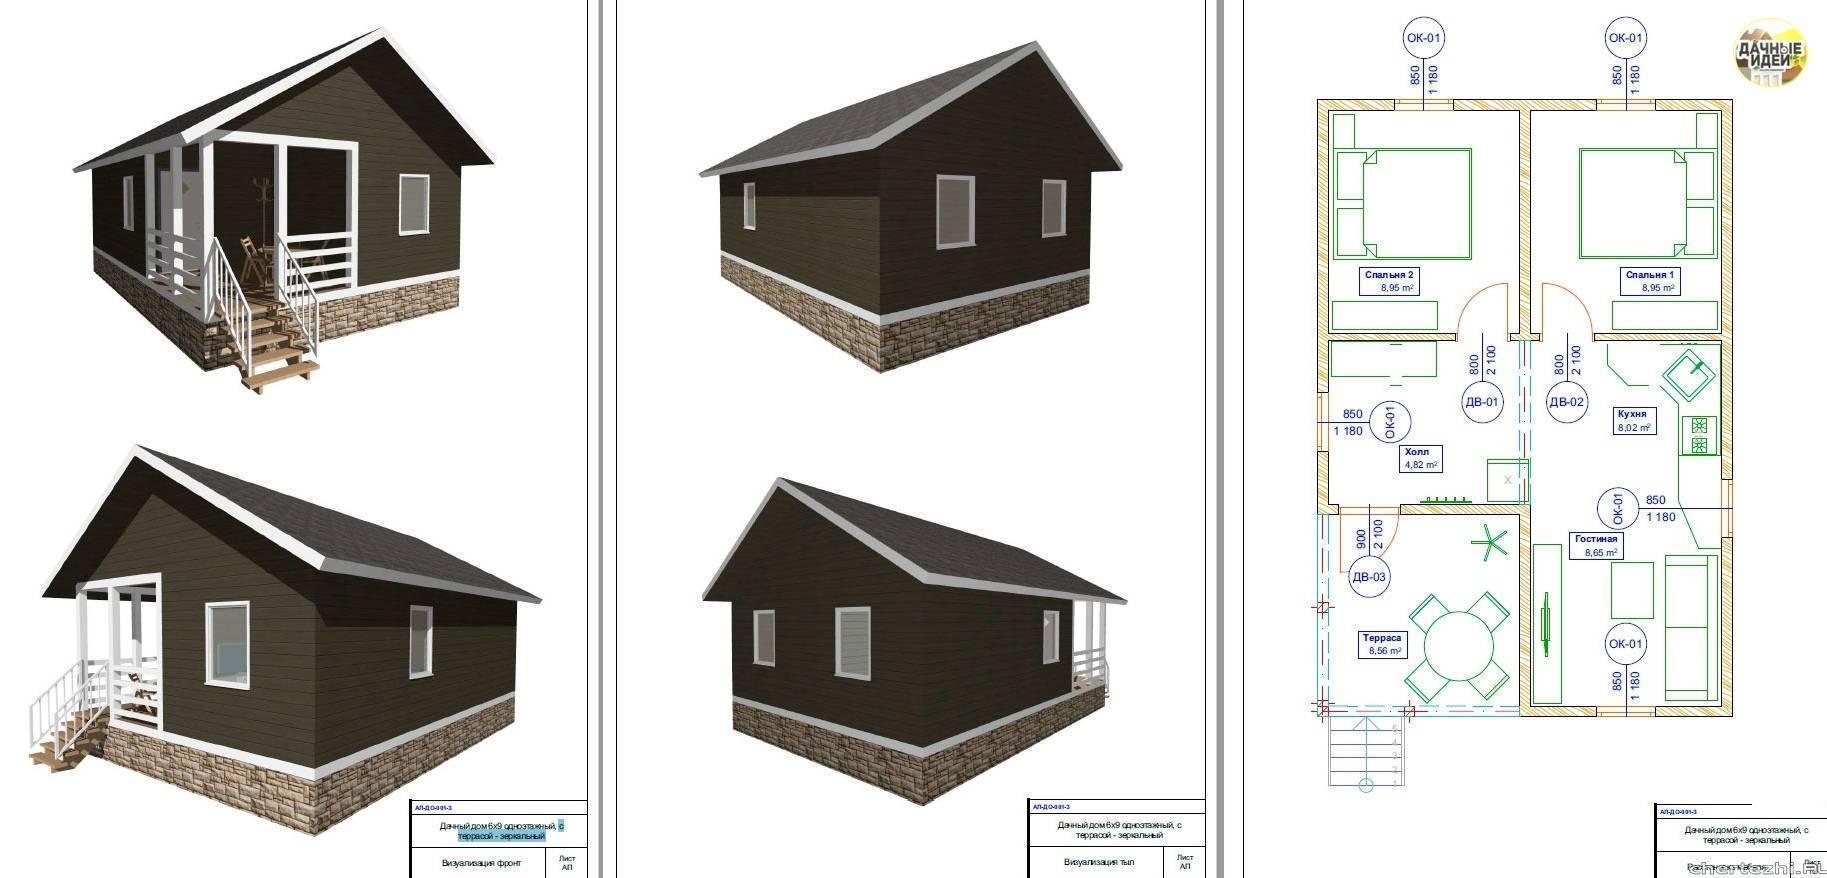 Дом 4 на 4: проект каркасной конструкции, из бруса, одноэтажный, двухэтажный, с мансардой, планировка своими руками